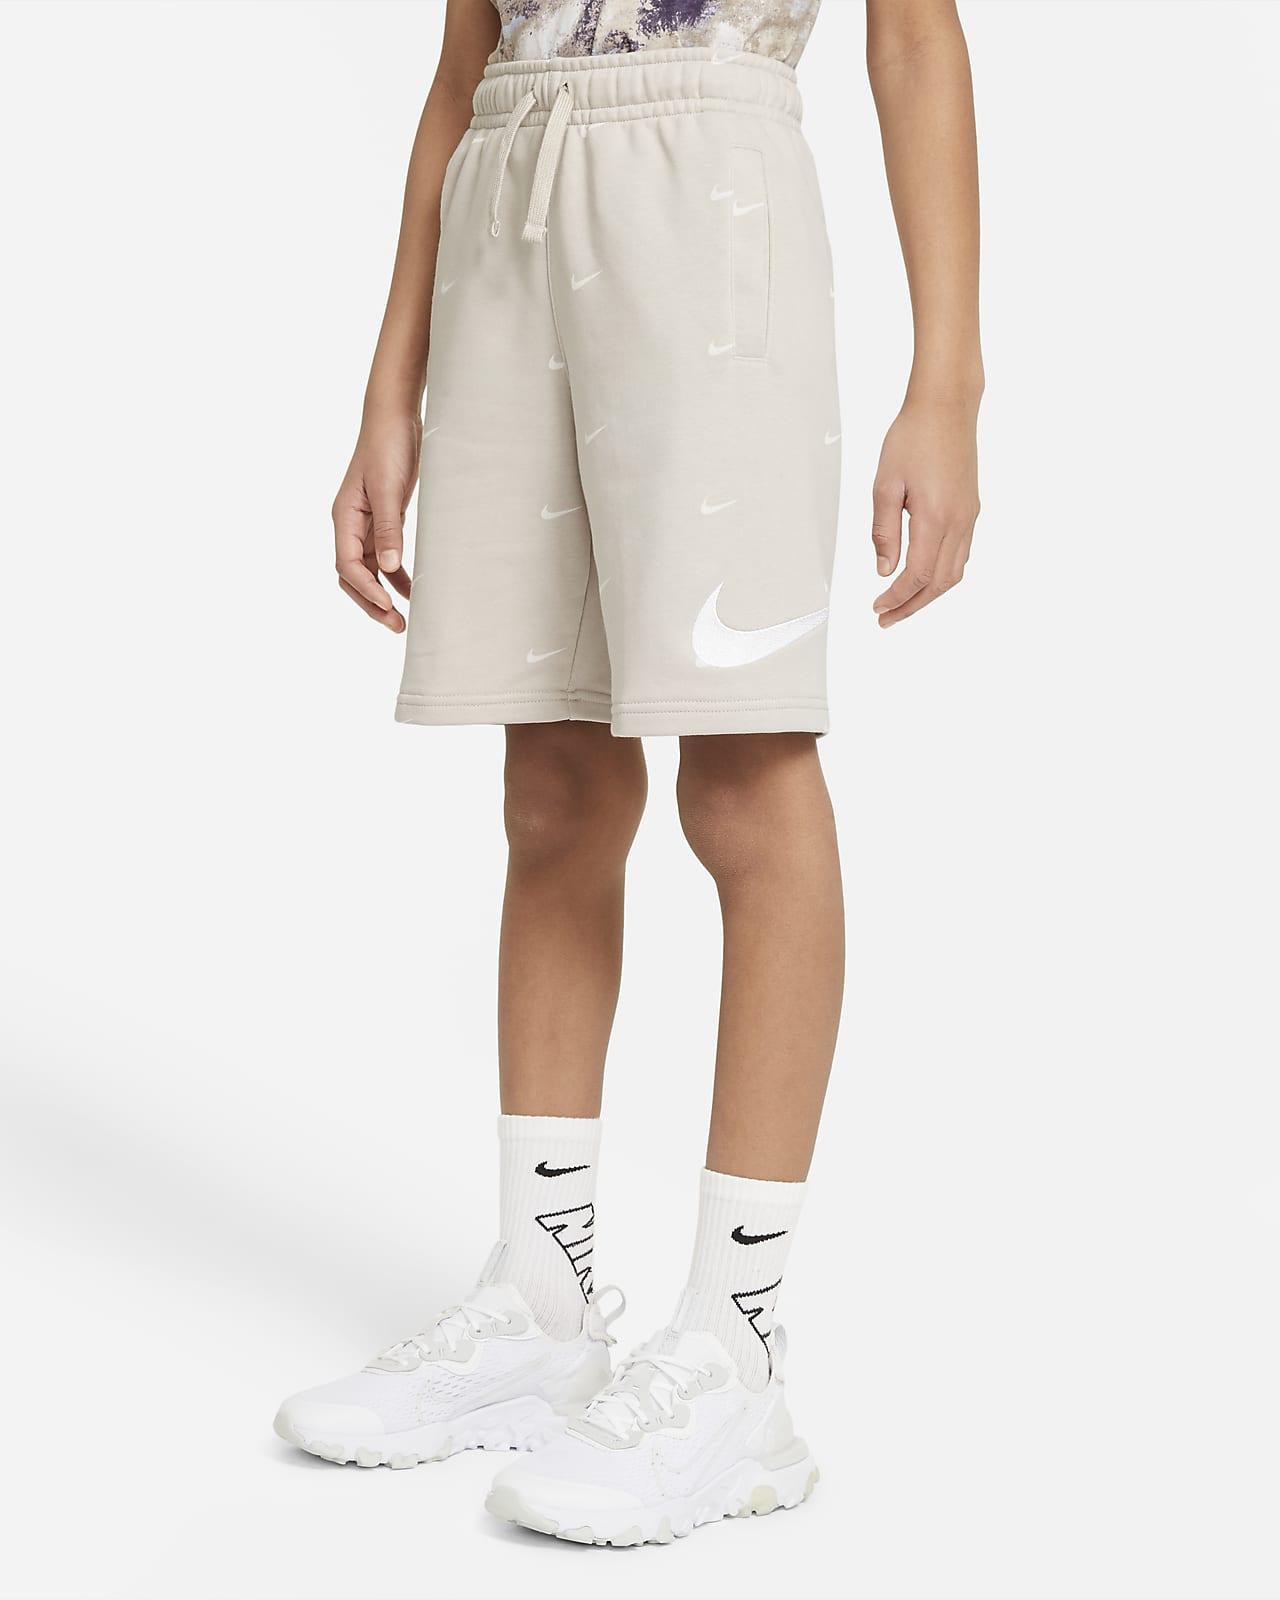 Nike Sportswear Swoosh Fransız Havlu Kumaşı Genç Çocuk (Erkek) Şortu